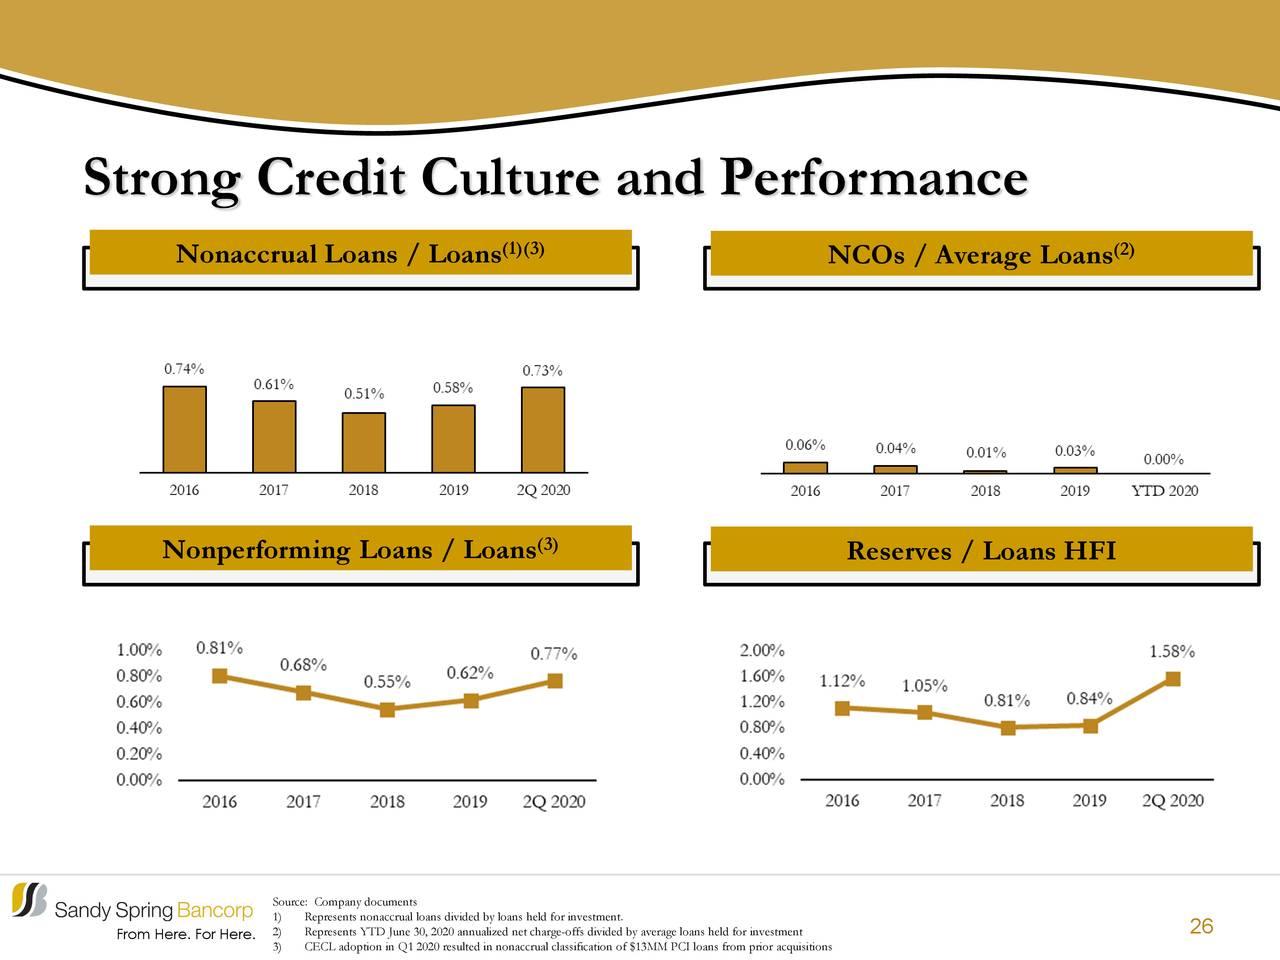 Sólida cultura y desempeño crediticio